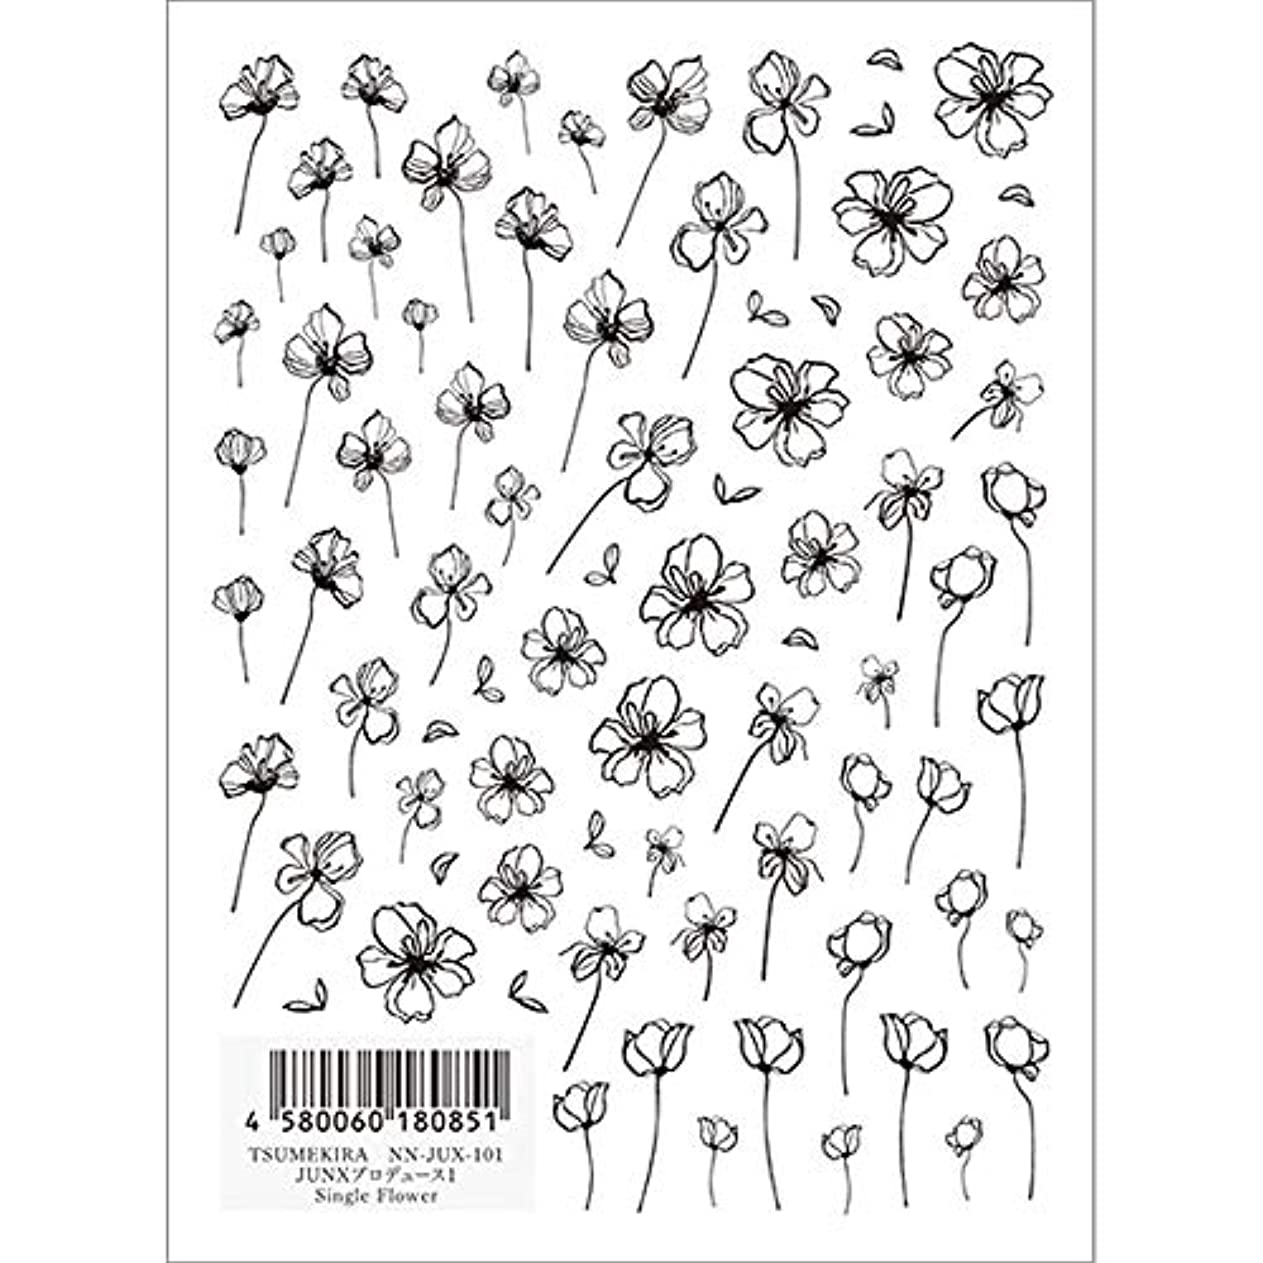 国籍編集者アレルギーTSUMEKIRA(ツメキラ) ネイルシール JUNXプロデュース1 Single Flower NN-JUX-101 1枚